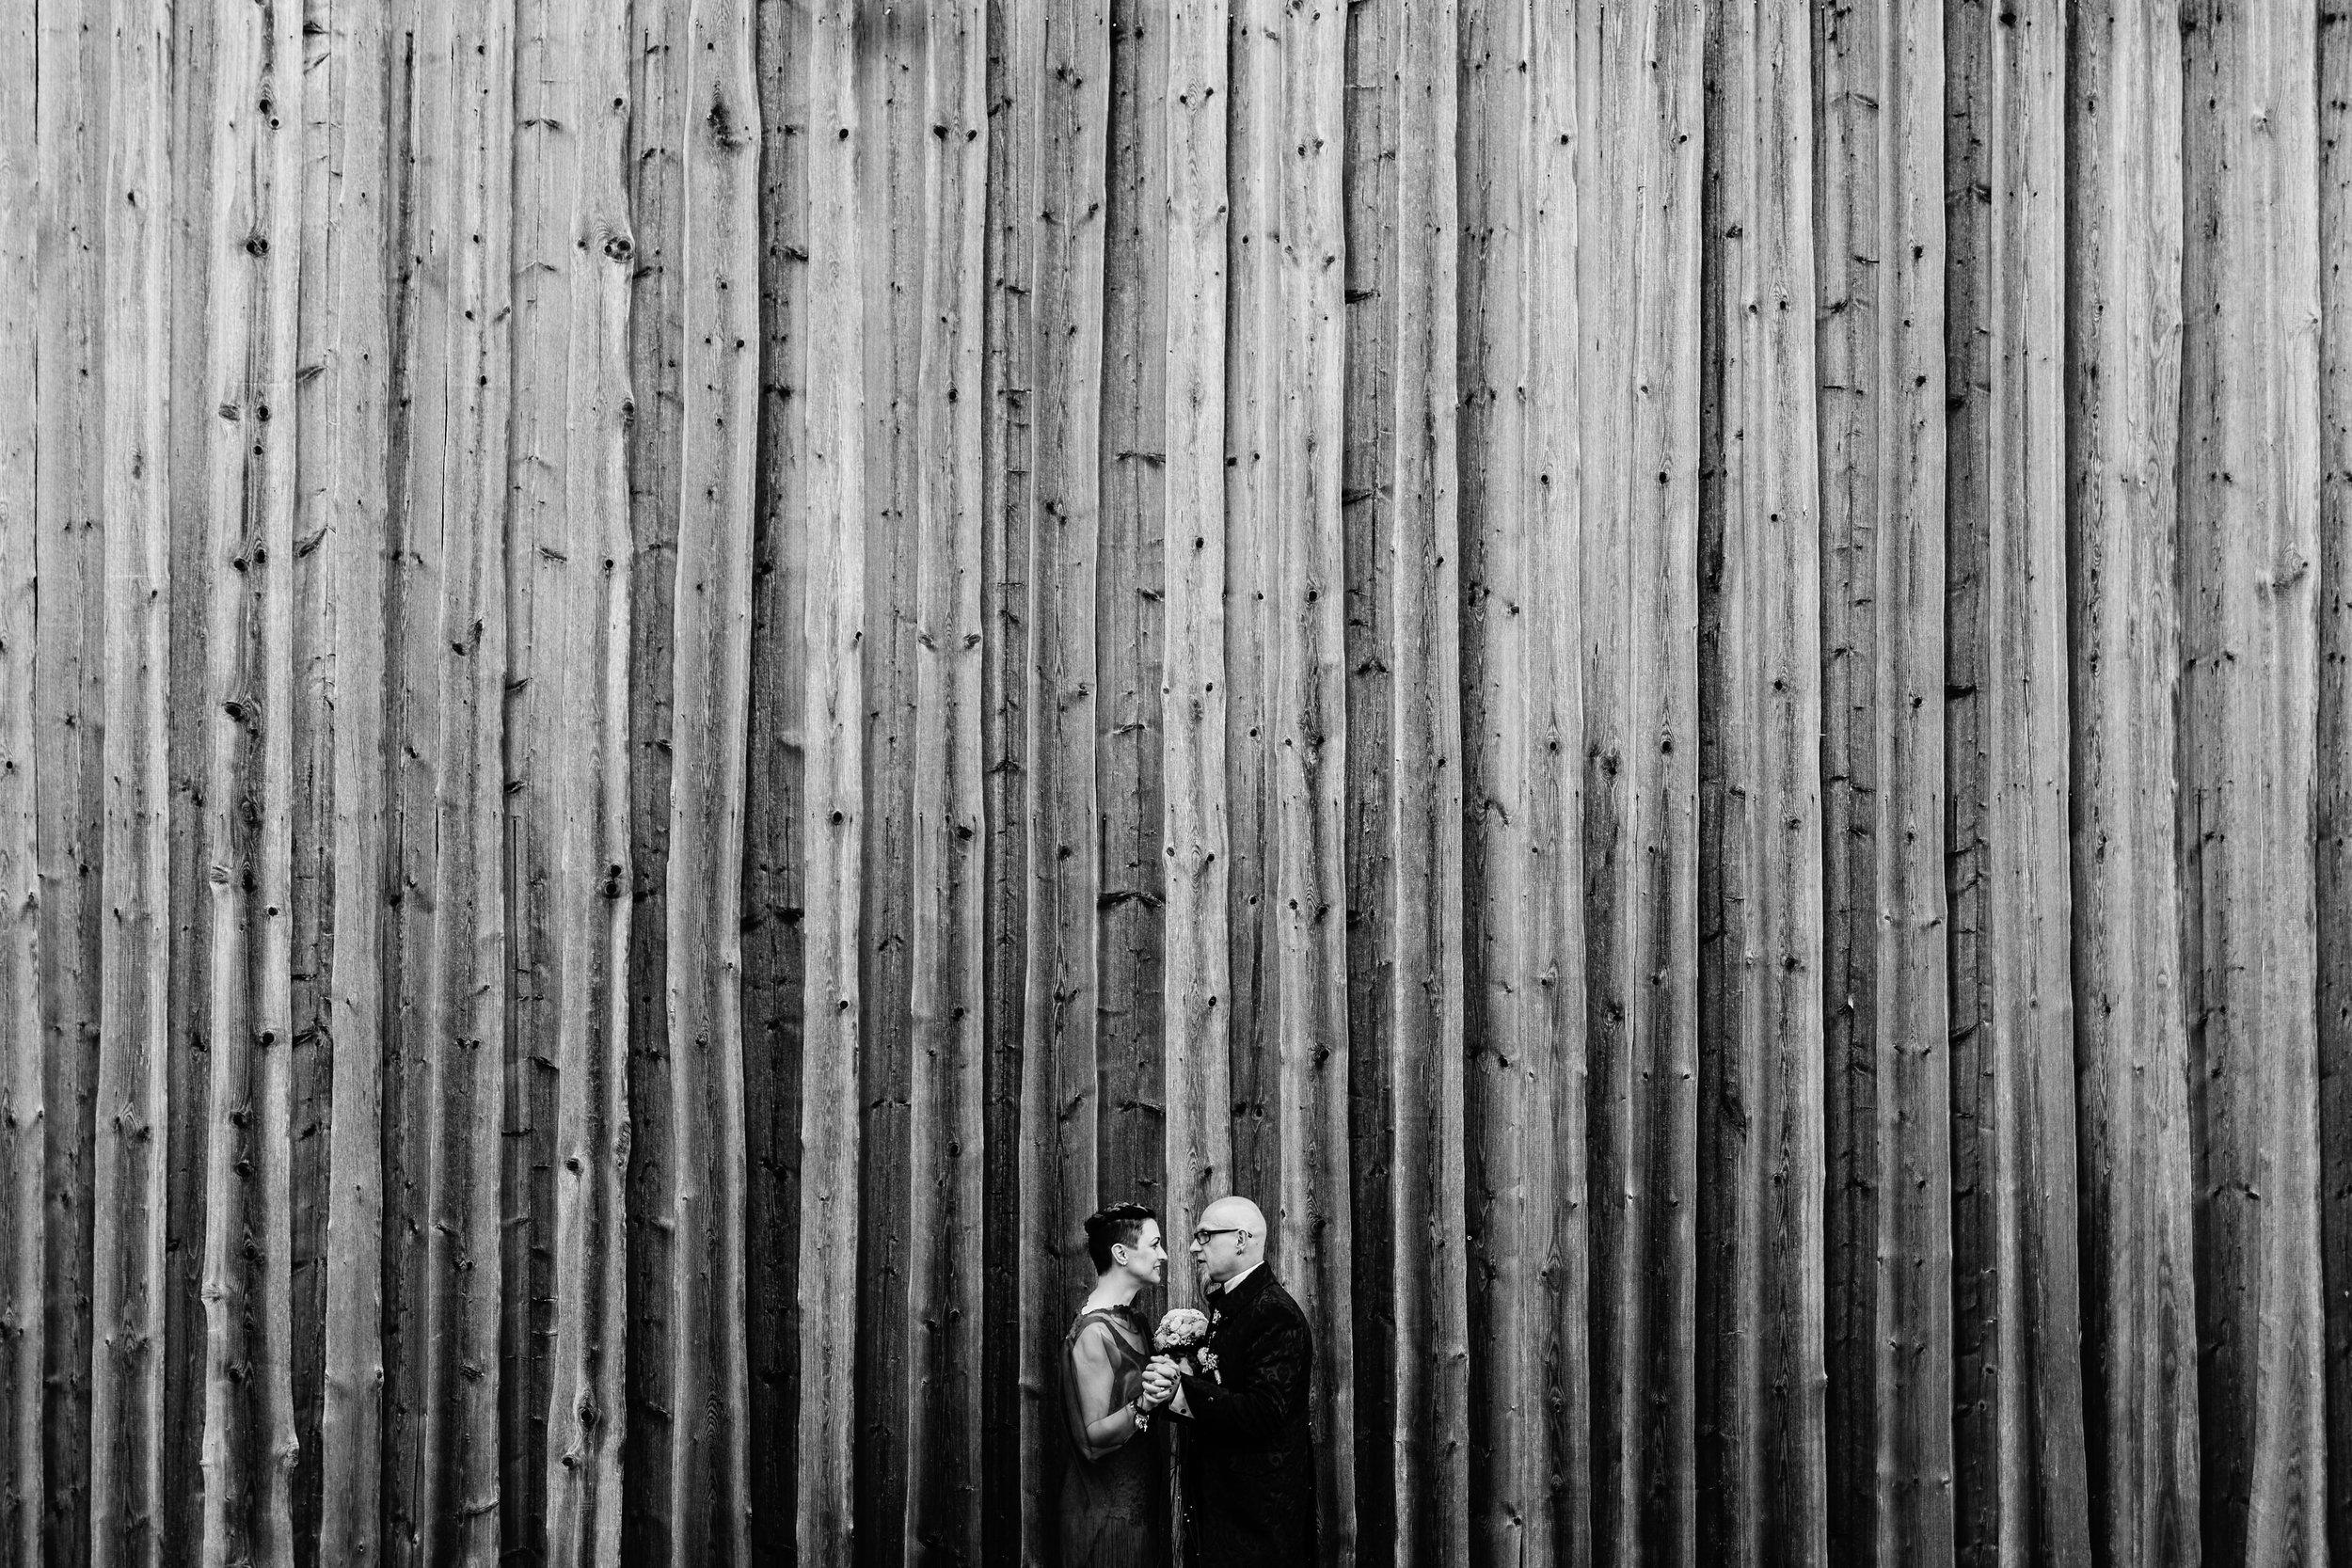 Hochzeitsporträt von Conny und Peter vor einer Holzwand